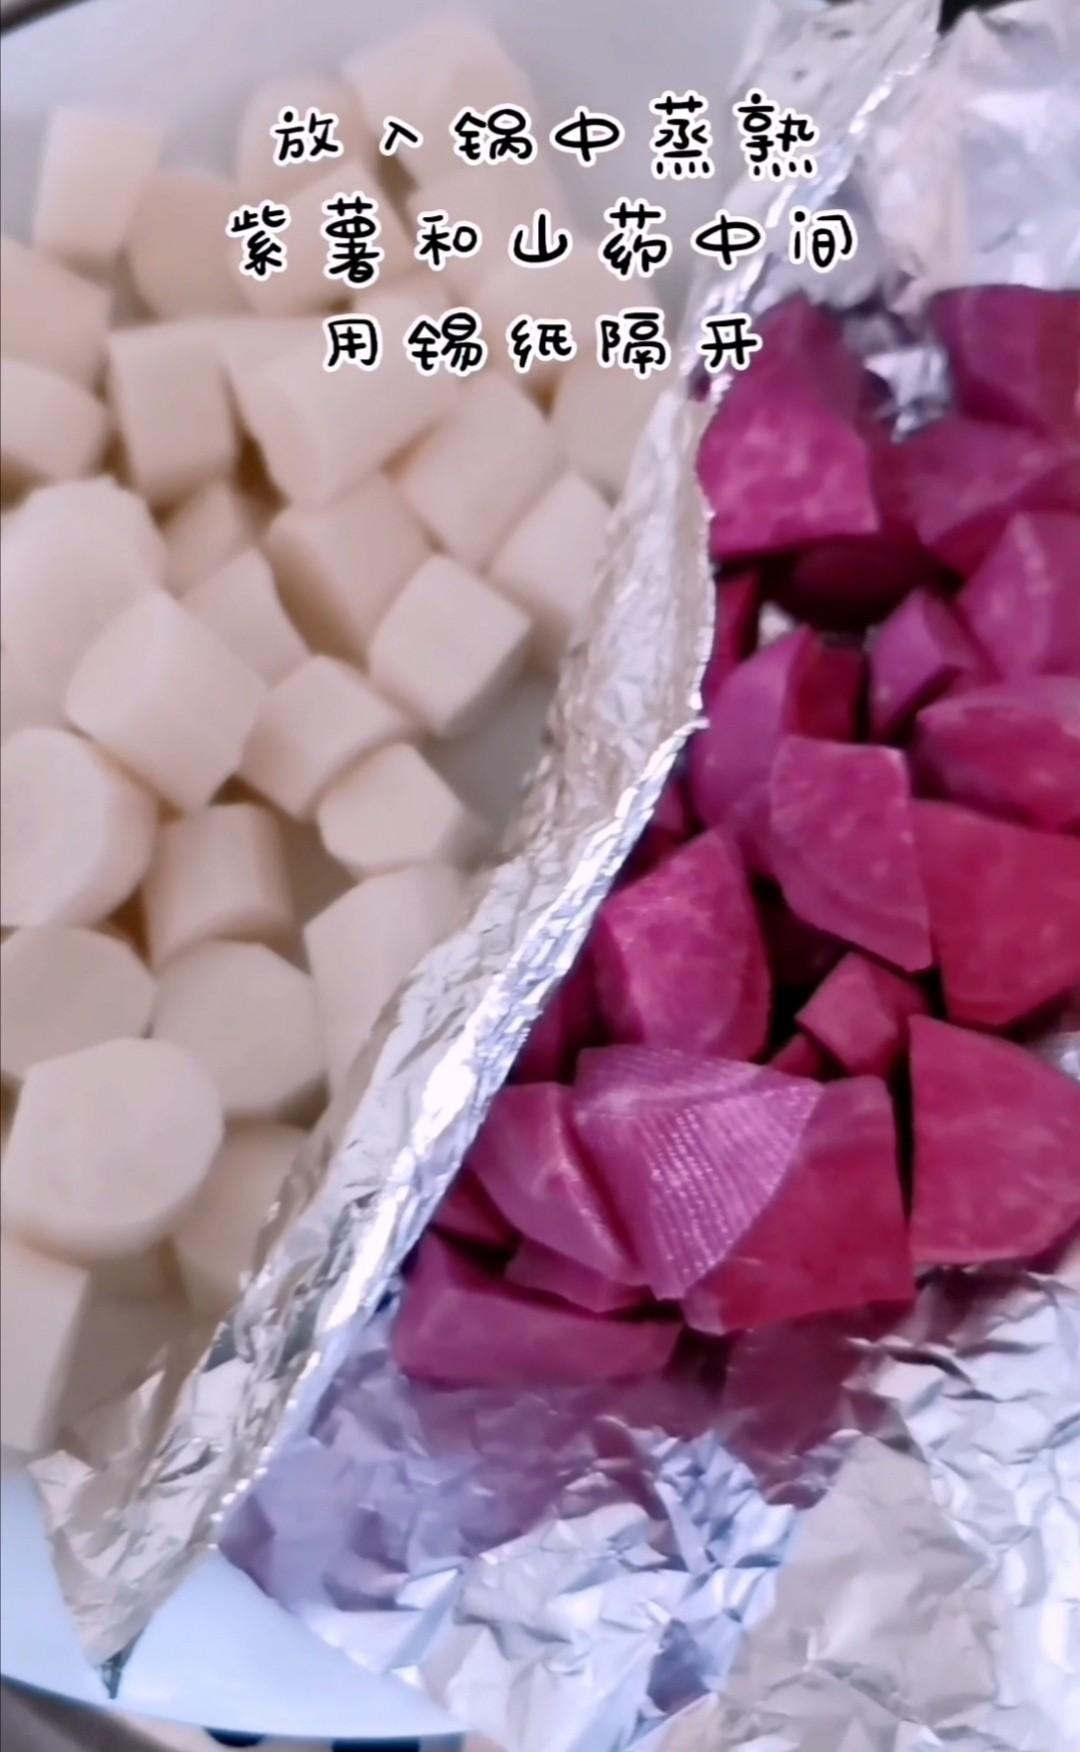 美容养颜的蜂蜜山药紫薯糕的做法图解